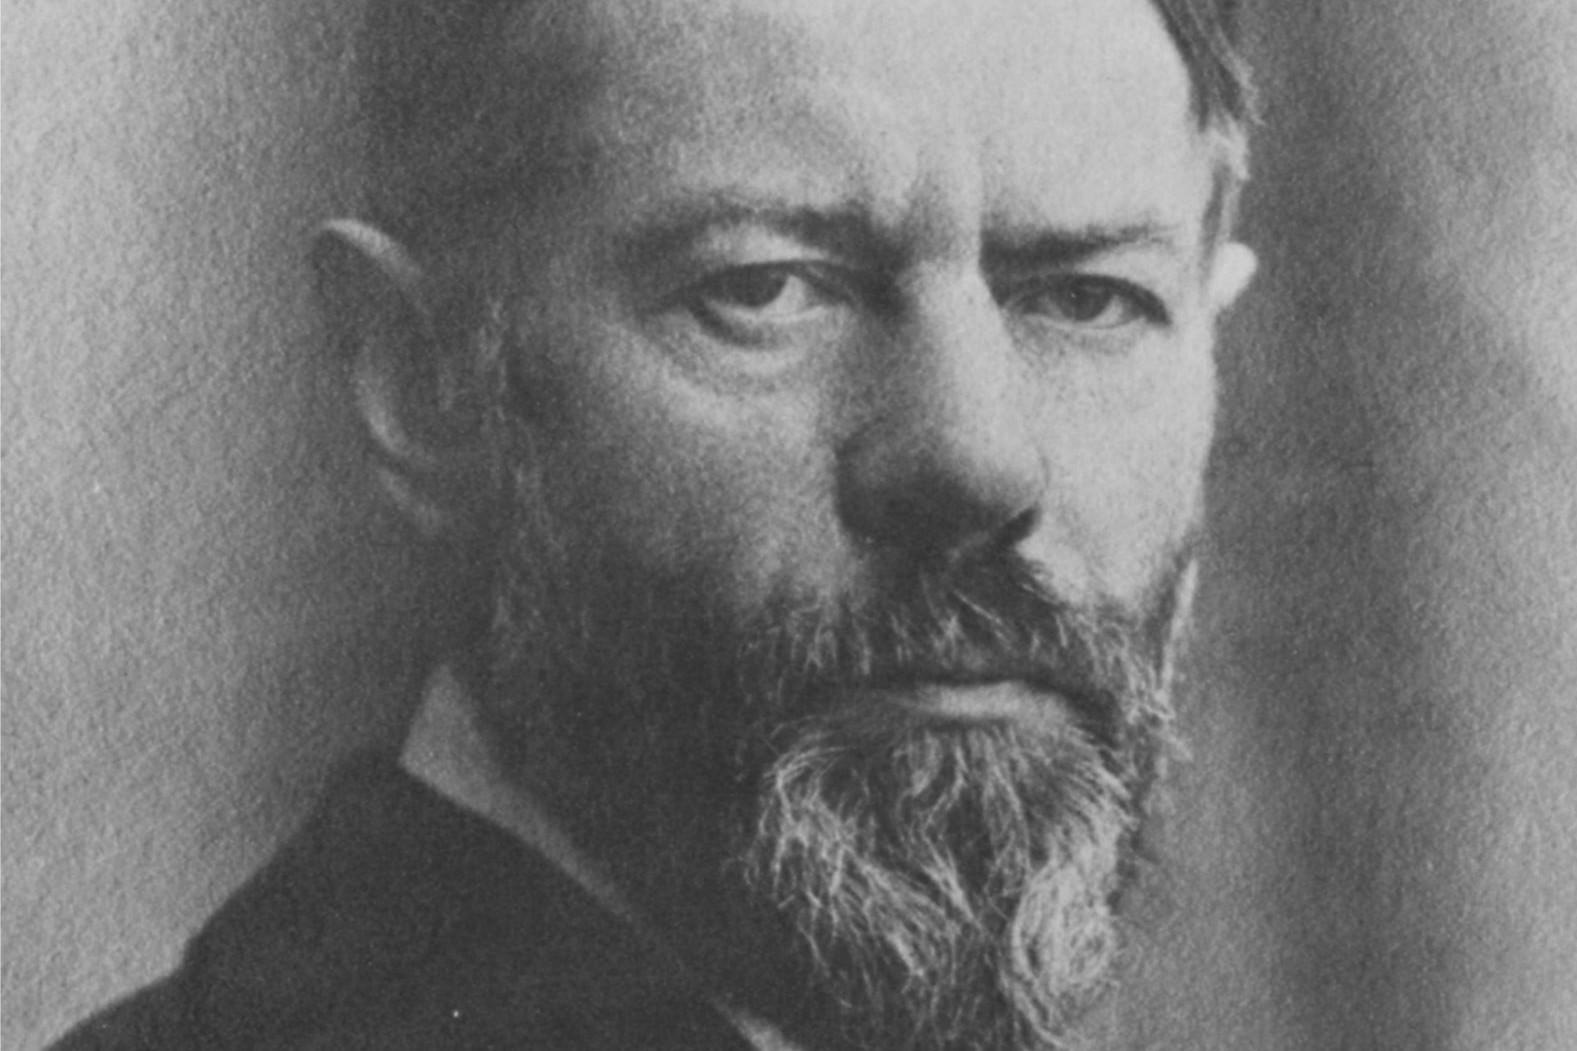 La storia nascosta di Max Weber